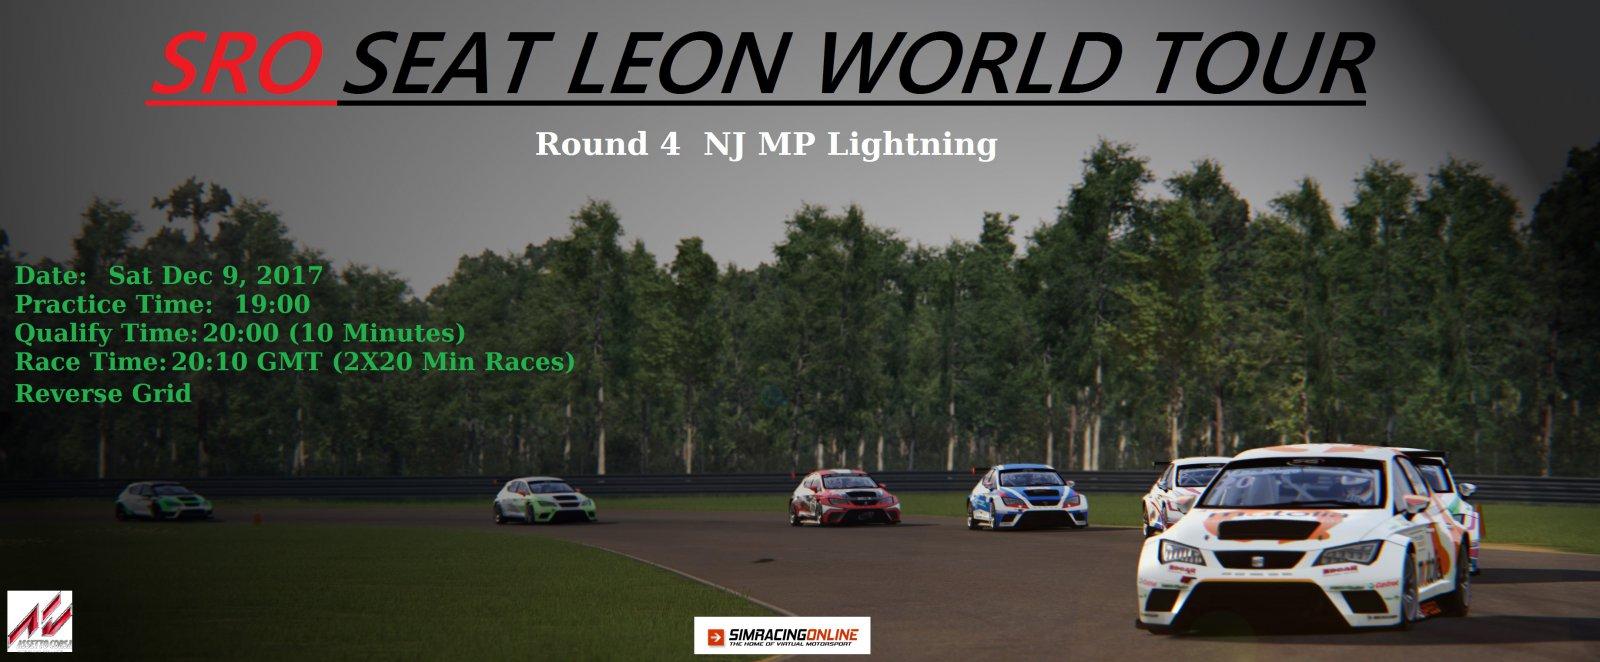 Screenshot_seat_leon_eurocup_njmp_lightning_5-12-117-13-37-9.jpg